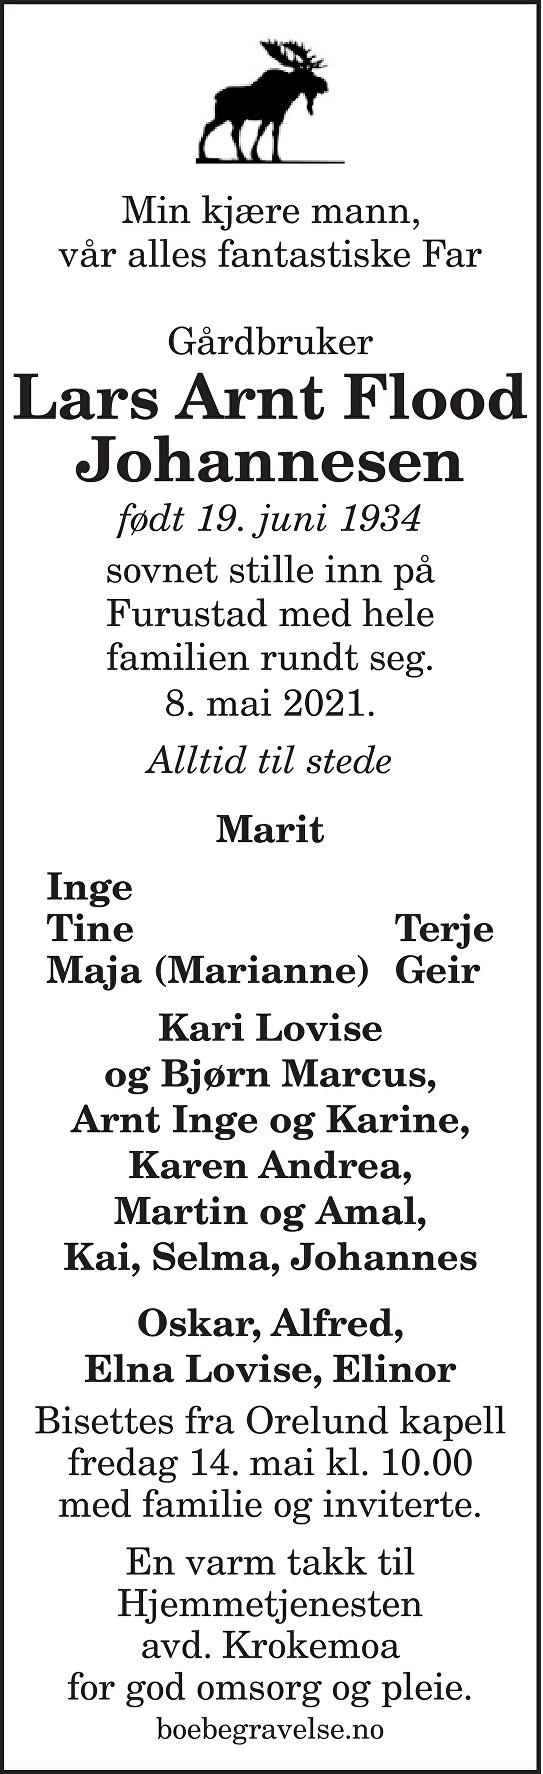 Lars Arnt Flood Johannesen Dødsannonse